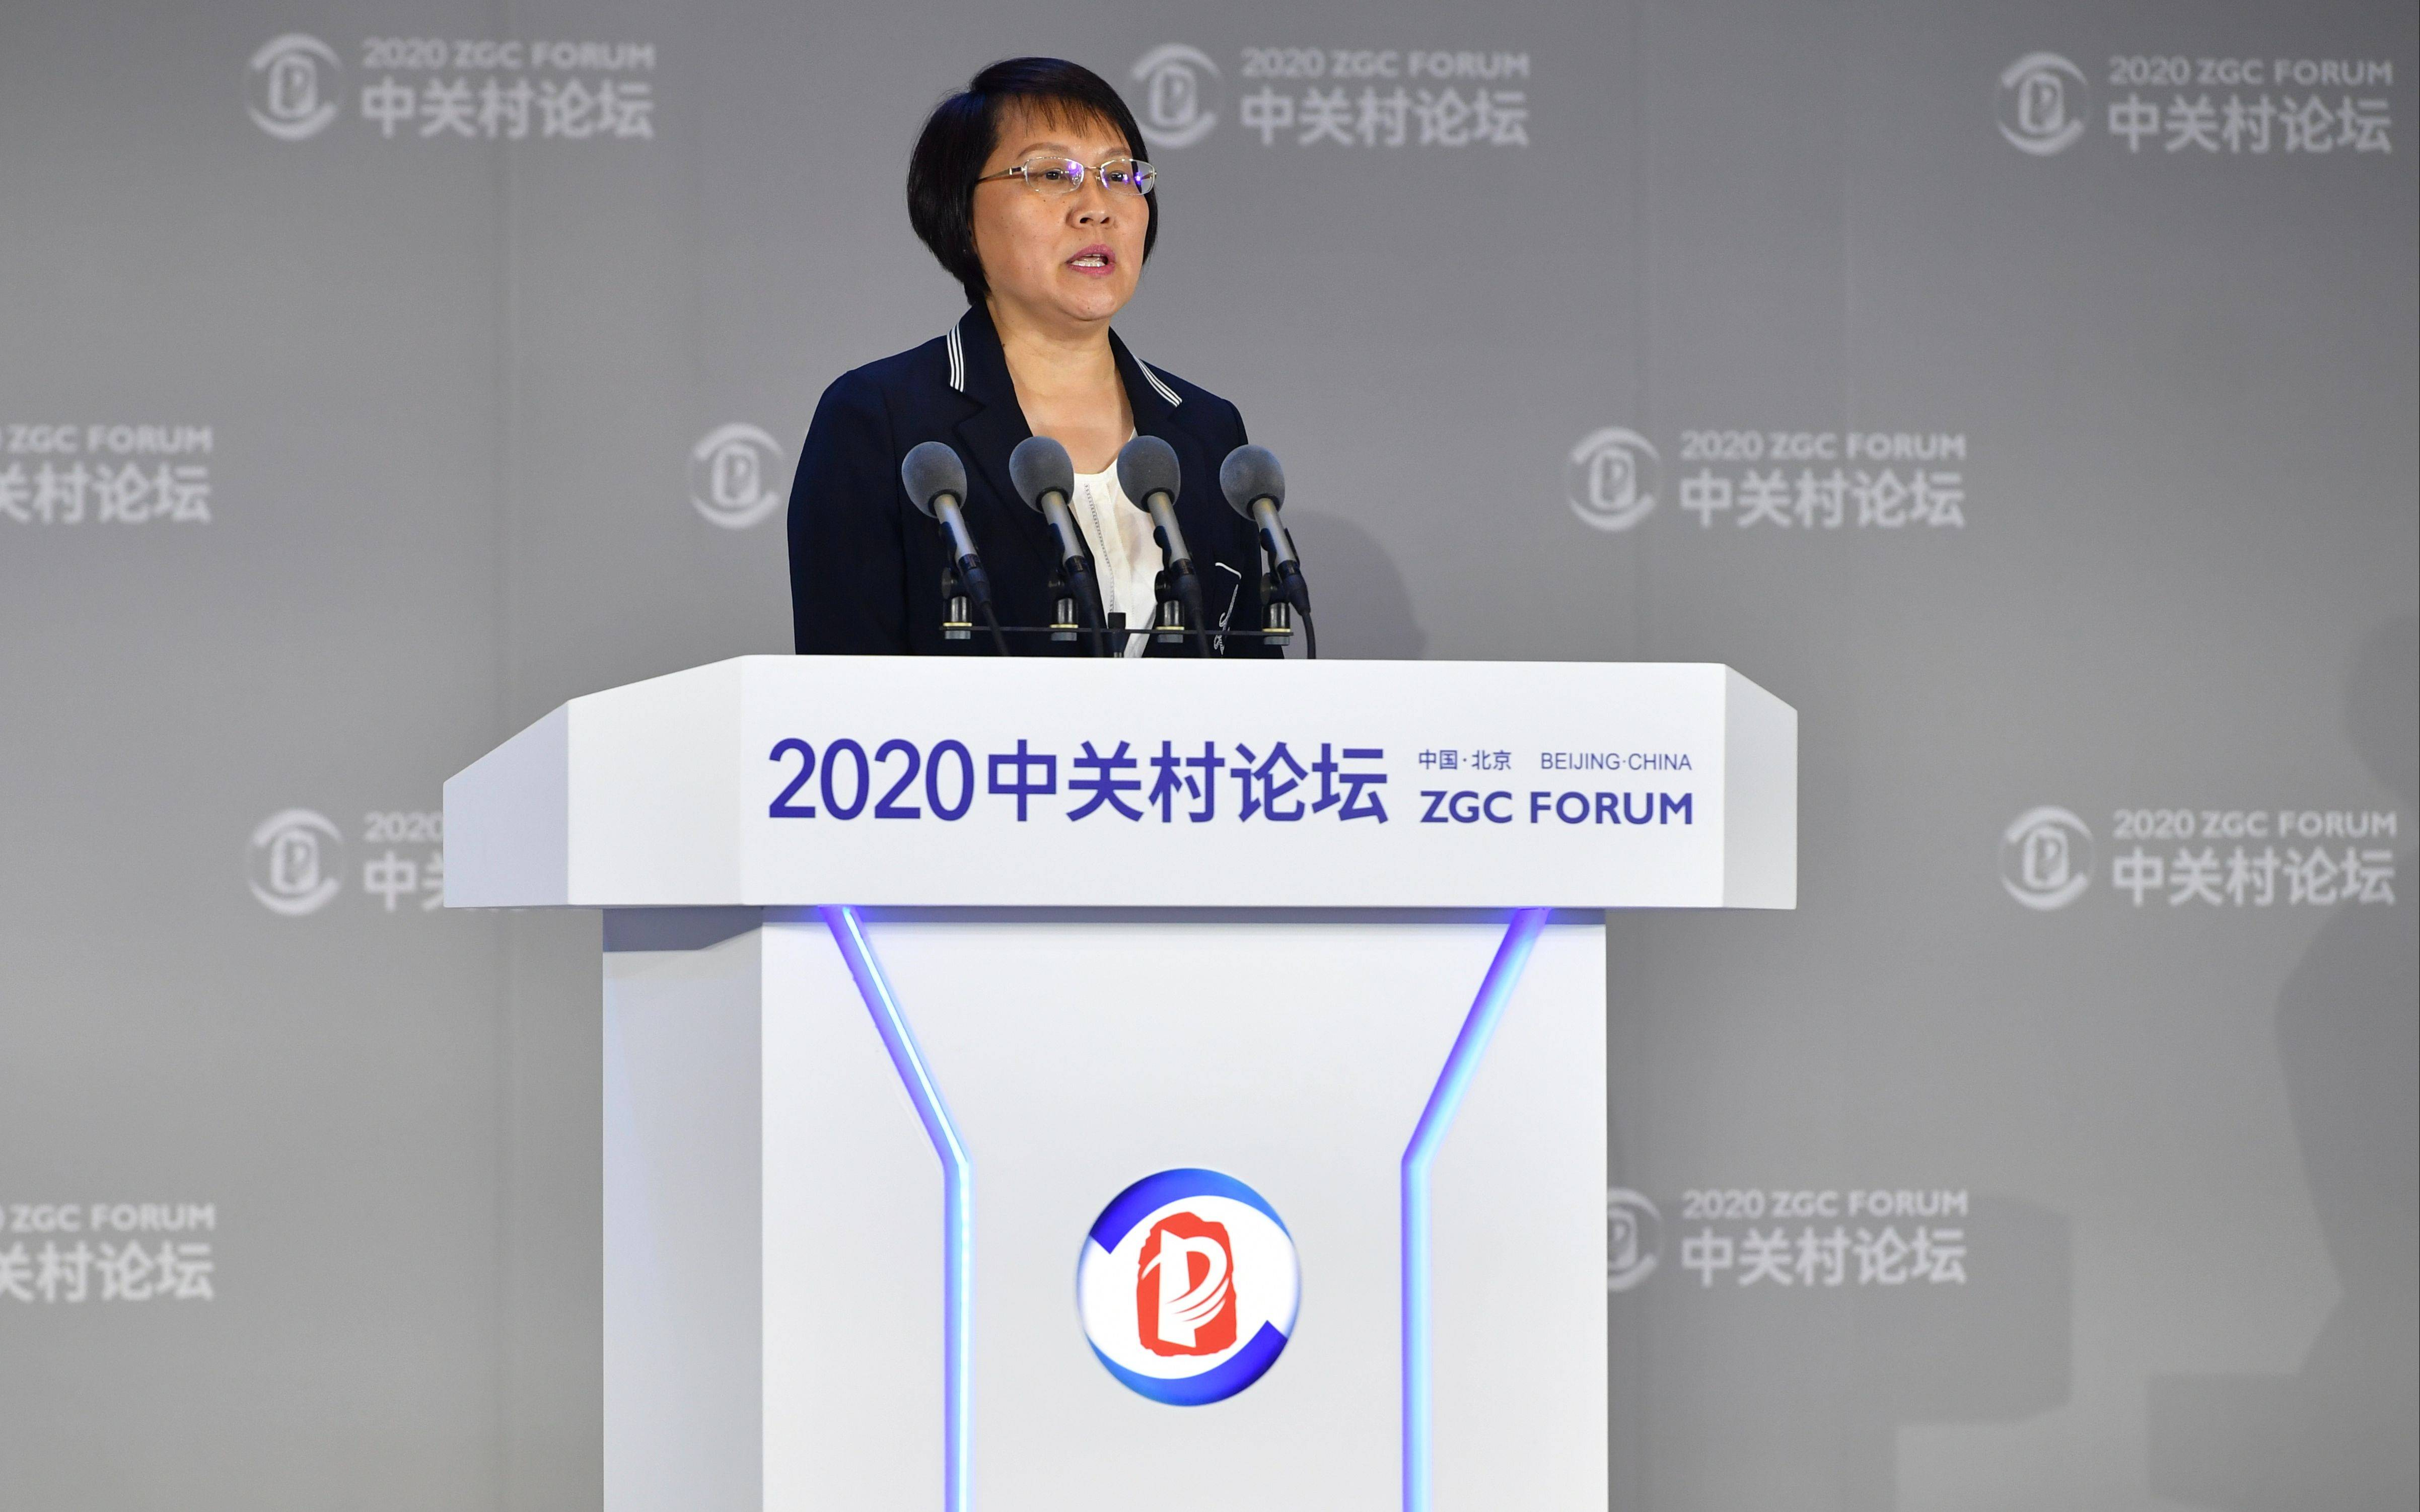 [中关村试点推出企业融资综合信用服务平台]